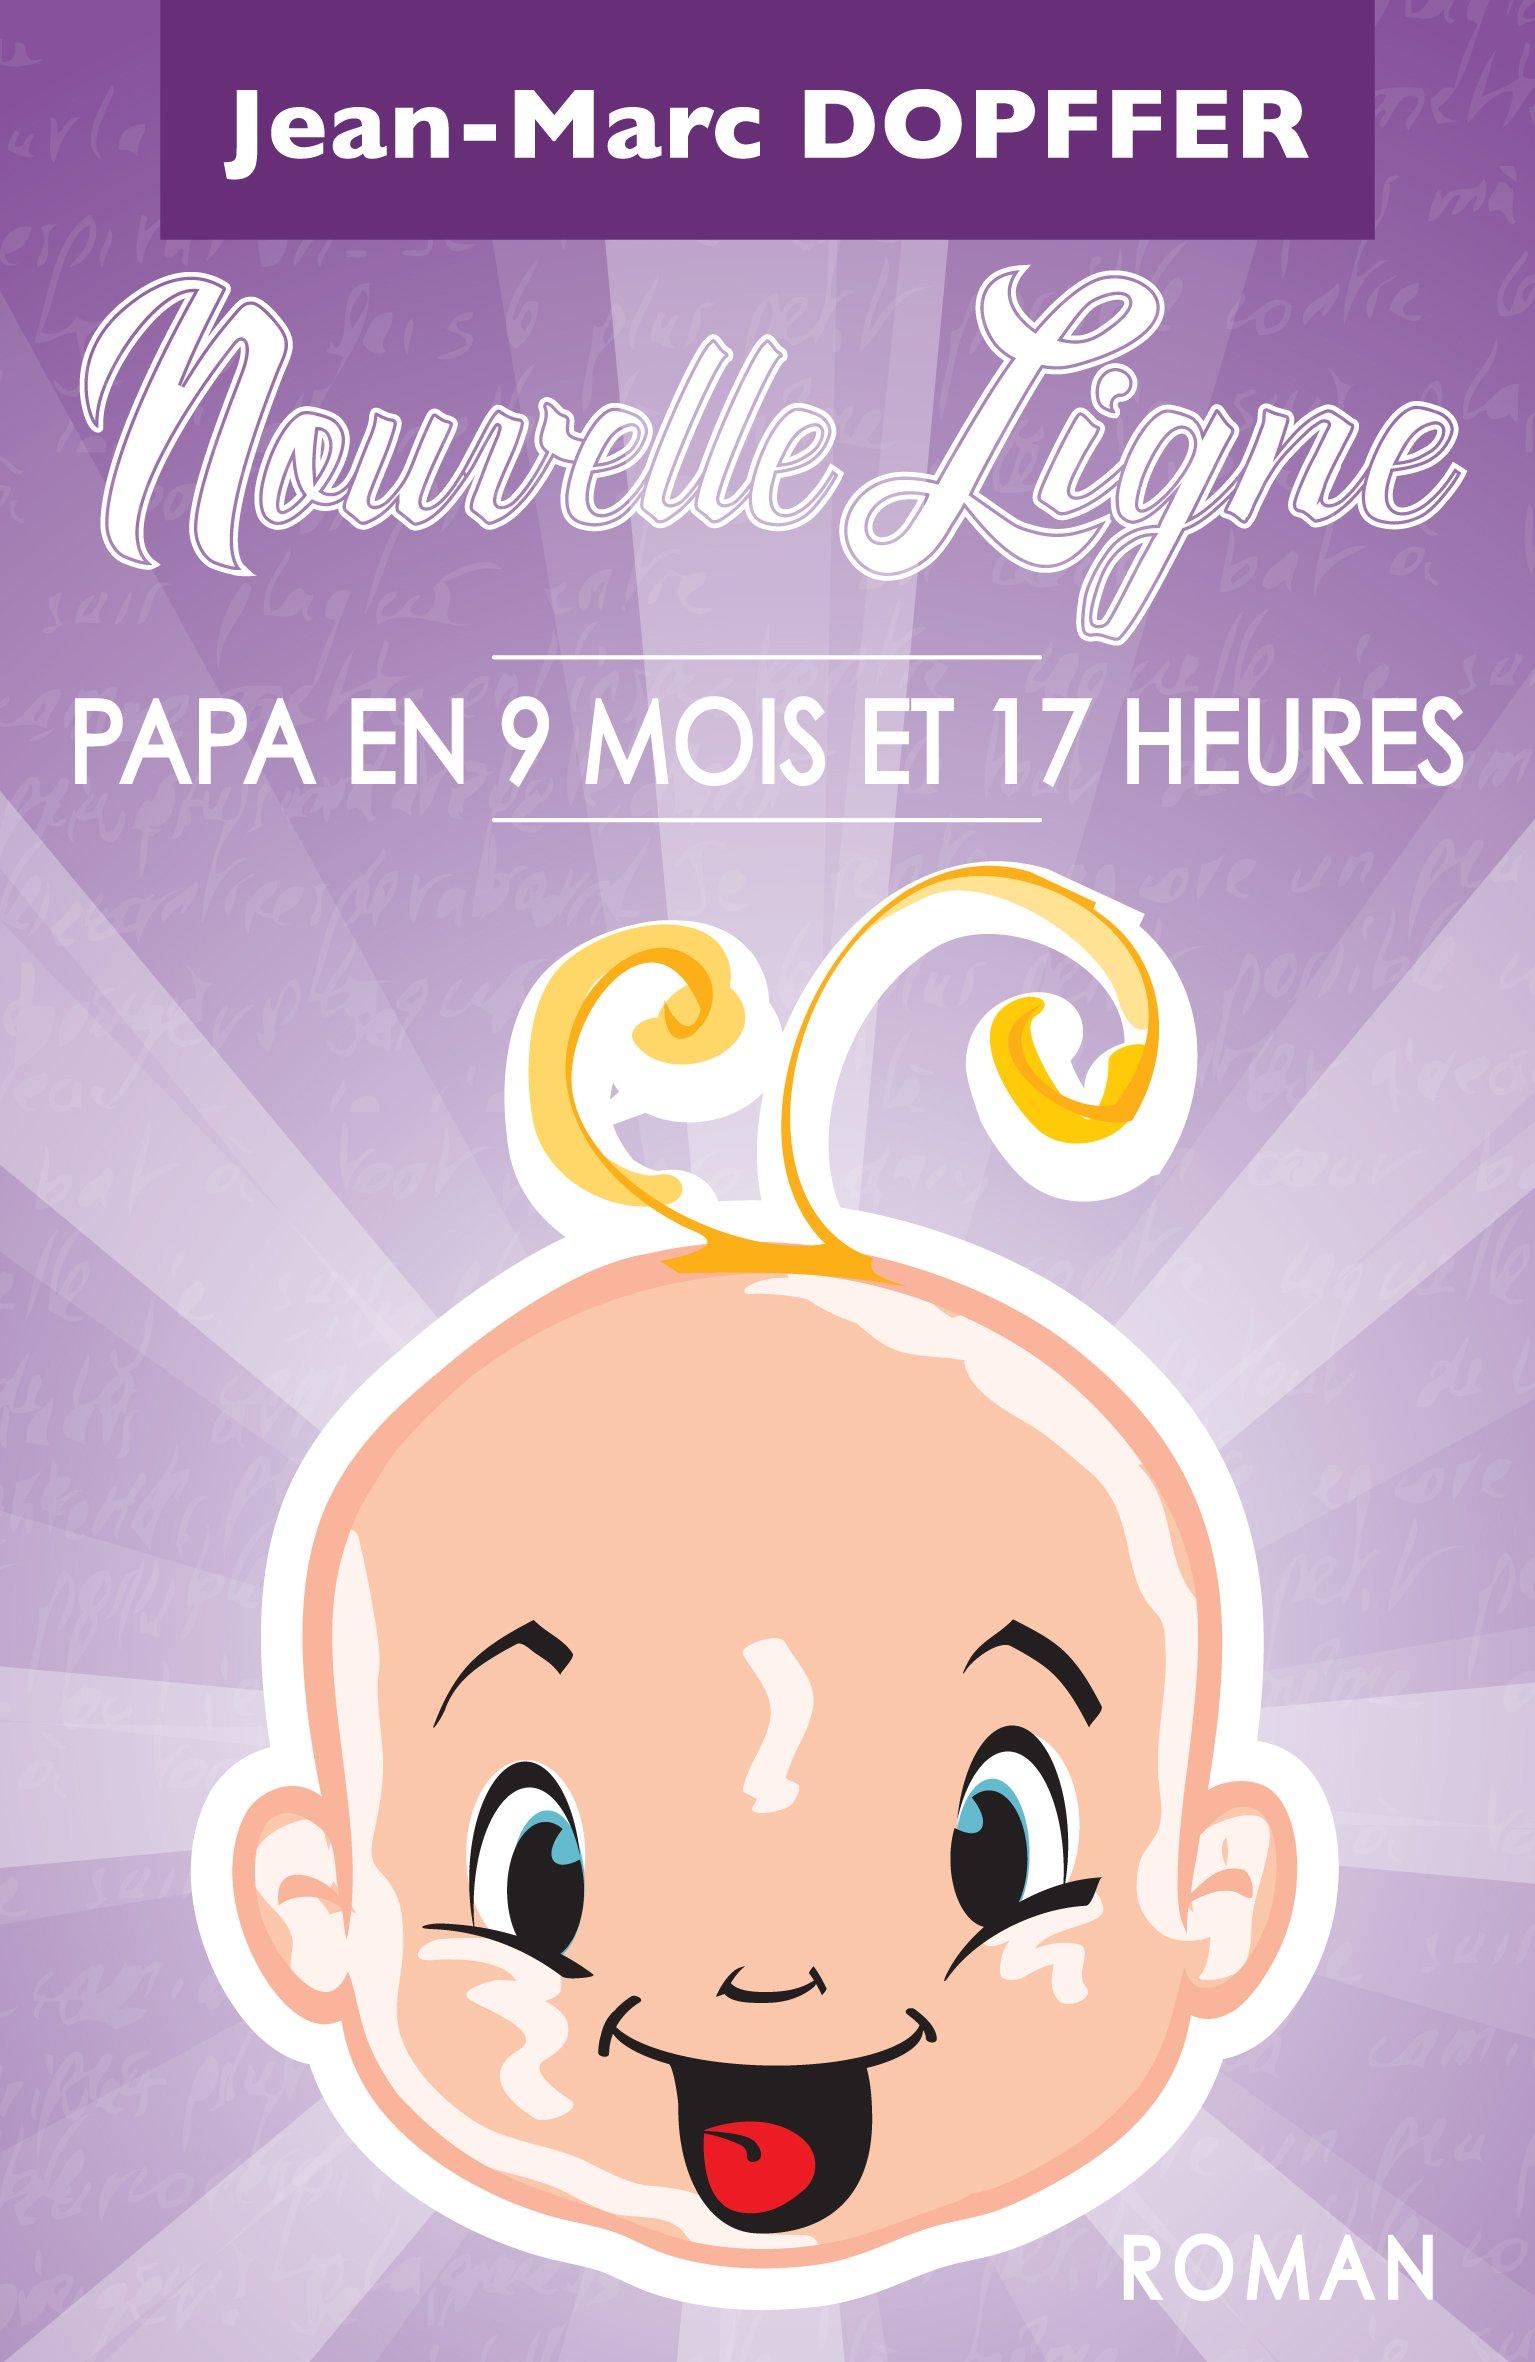 Nouvelle Ligne: Papa en 9 mois et 17 heures por Jean-Marc Dopffer